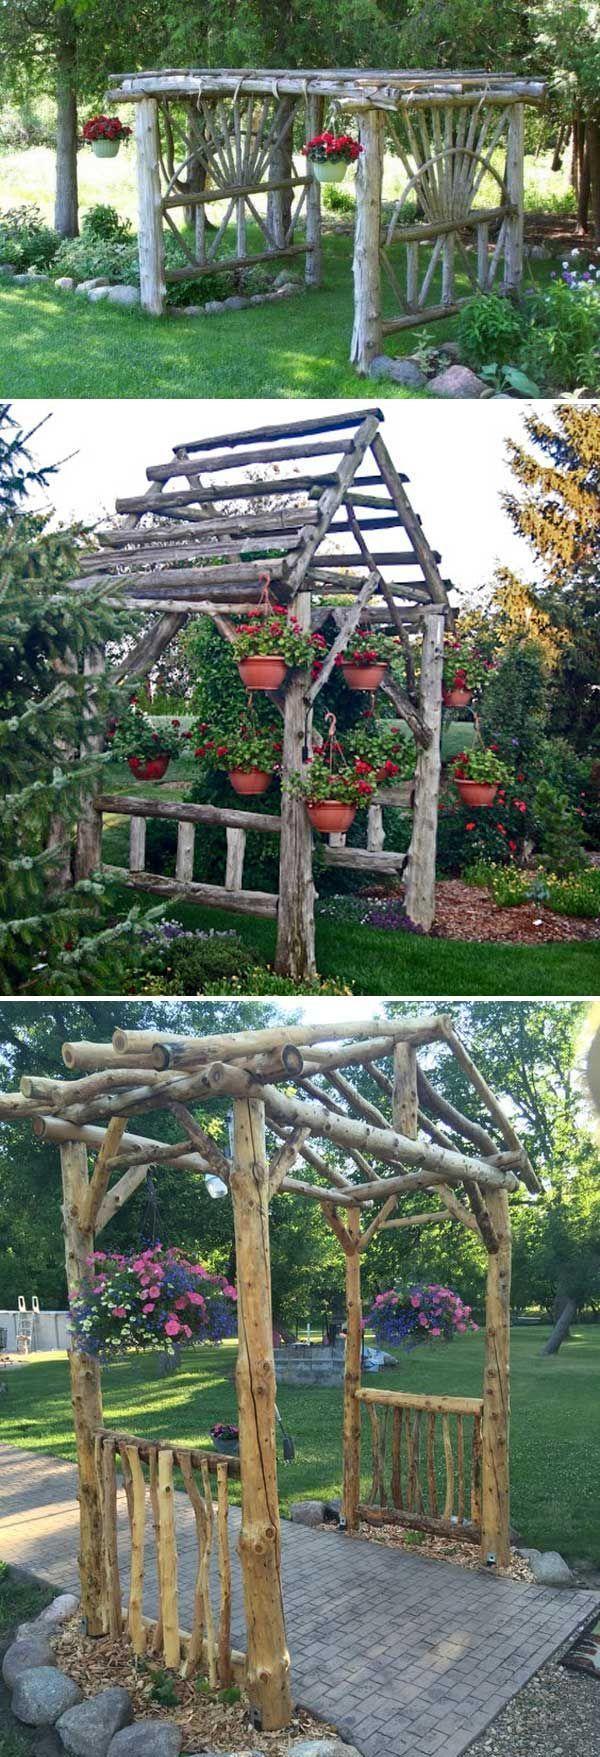 Vom Baumstumpf Zum Garten Deko Ideen Baum Garten Ideen Gartendekoideen Vom Baumstumpf Zum Garten Garden Projects Diy Garden Diy Garden Projects